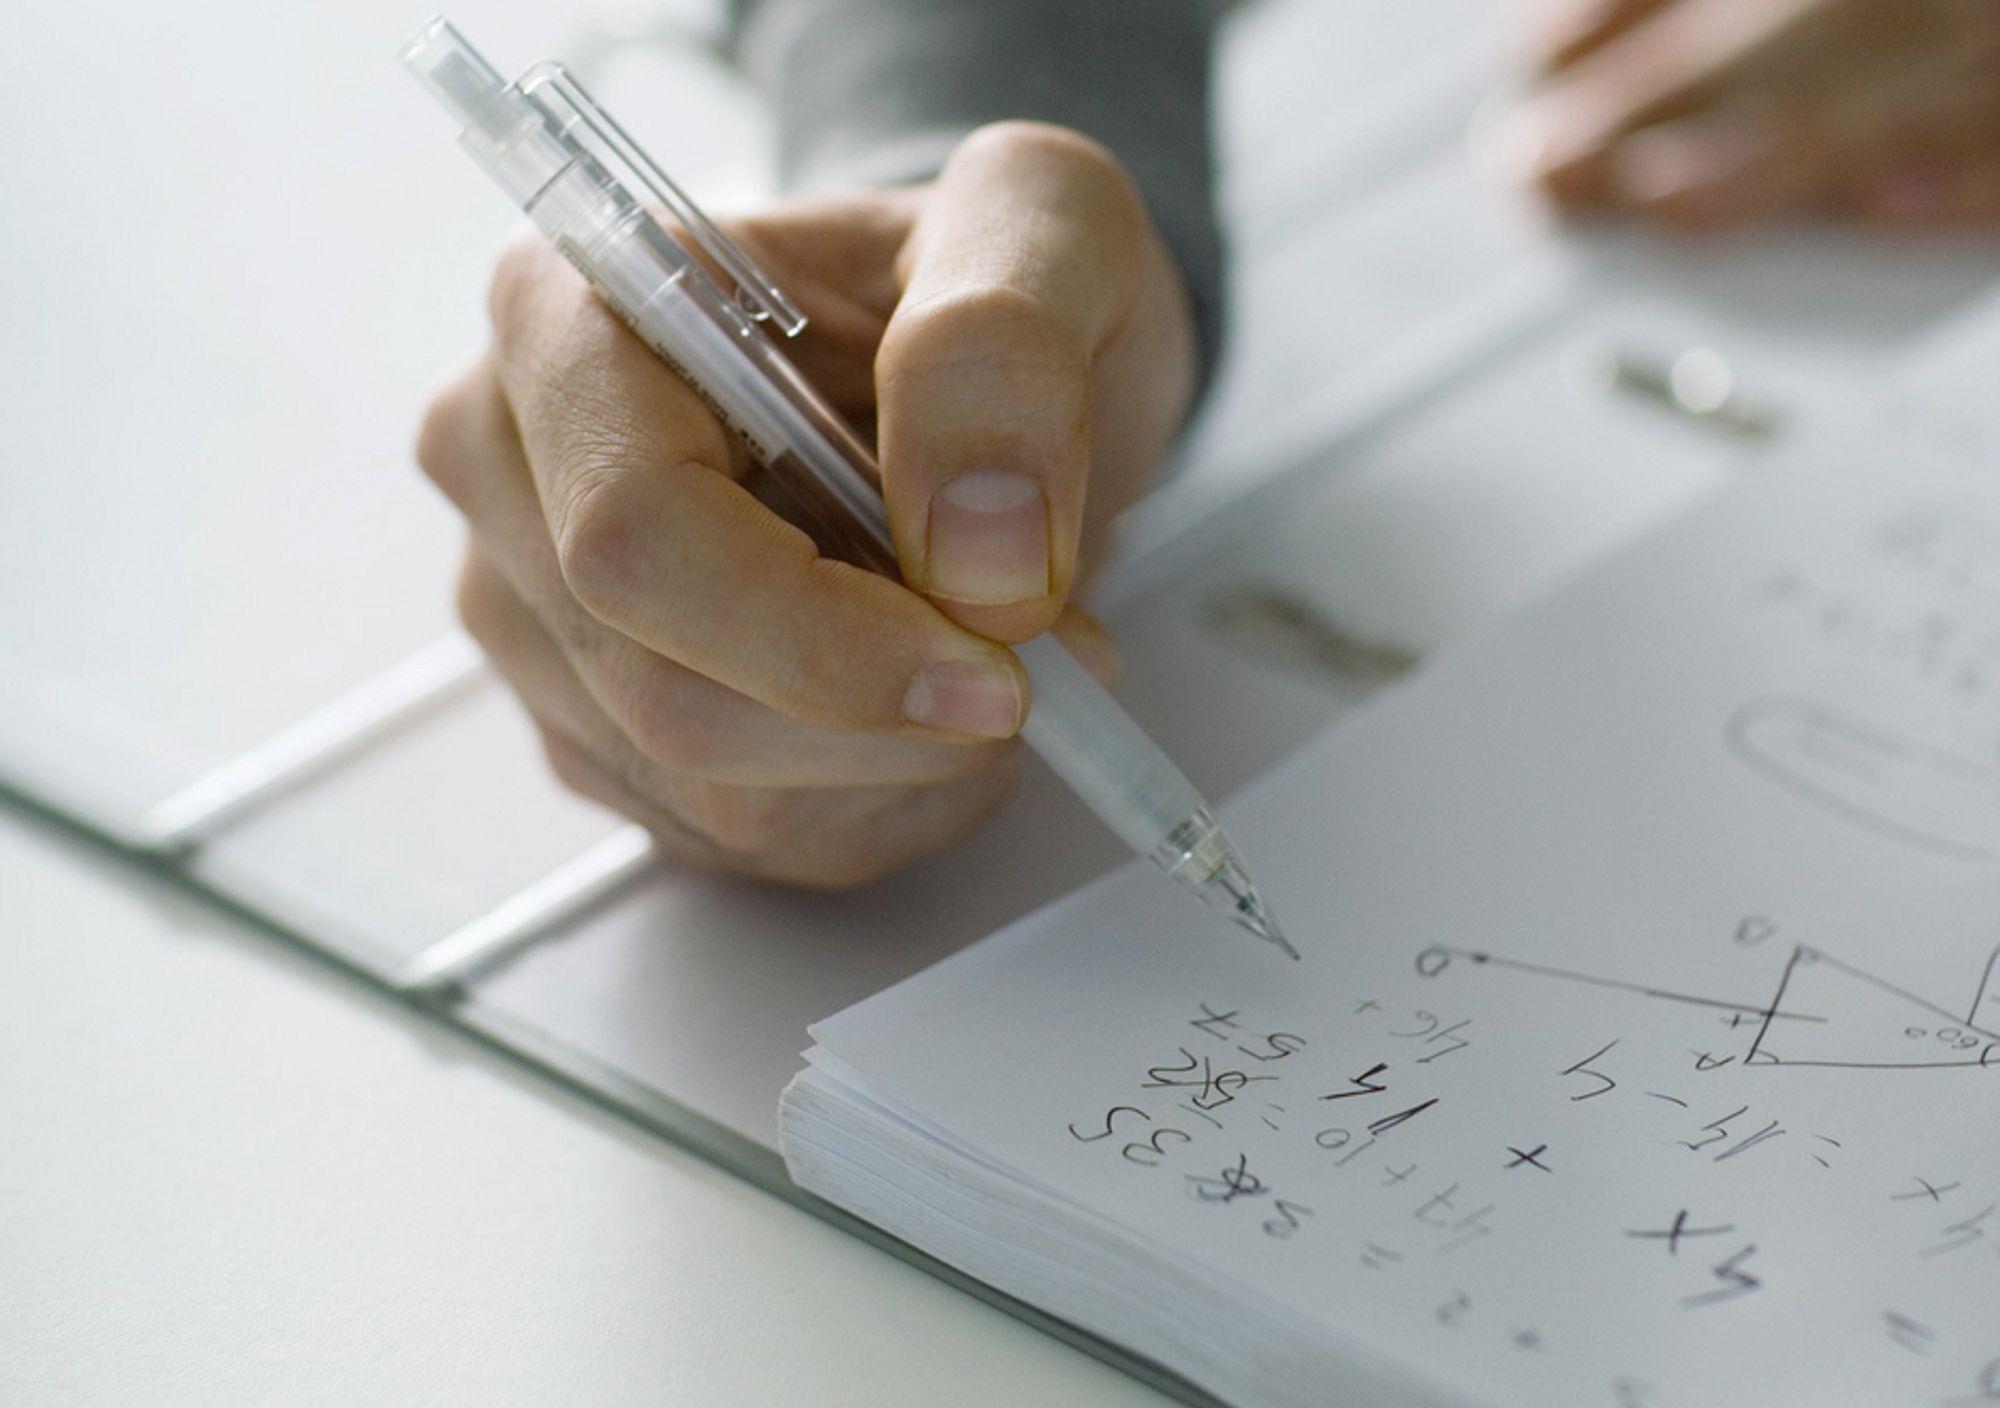 LETT? Synes du ukens mattenøtt er enkel? Prøv deg på en av de mange utfordringene på www.tu.no/matte. Matte, mattenøtt, matematikk, regning, studier, utrengning